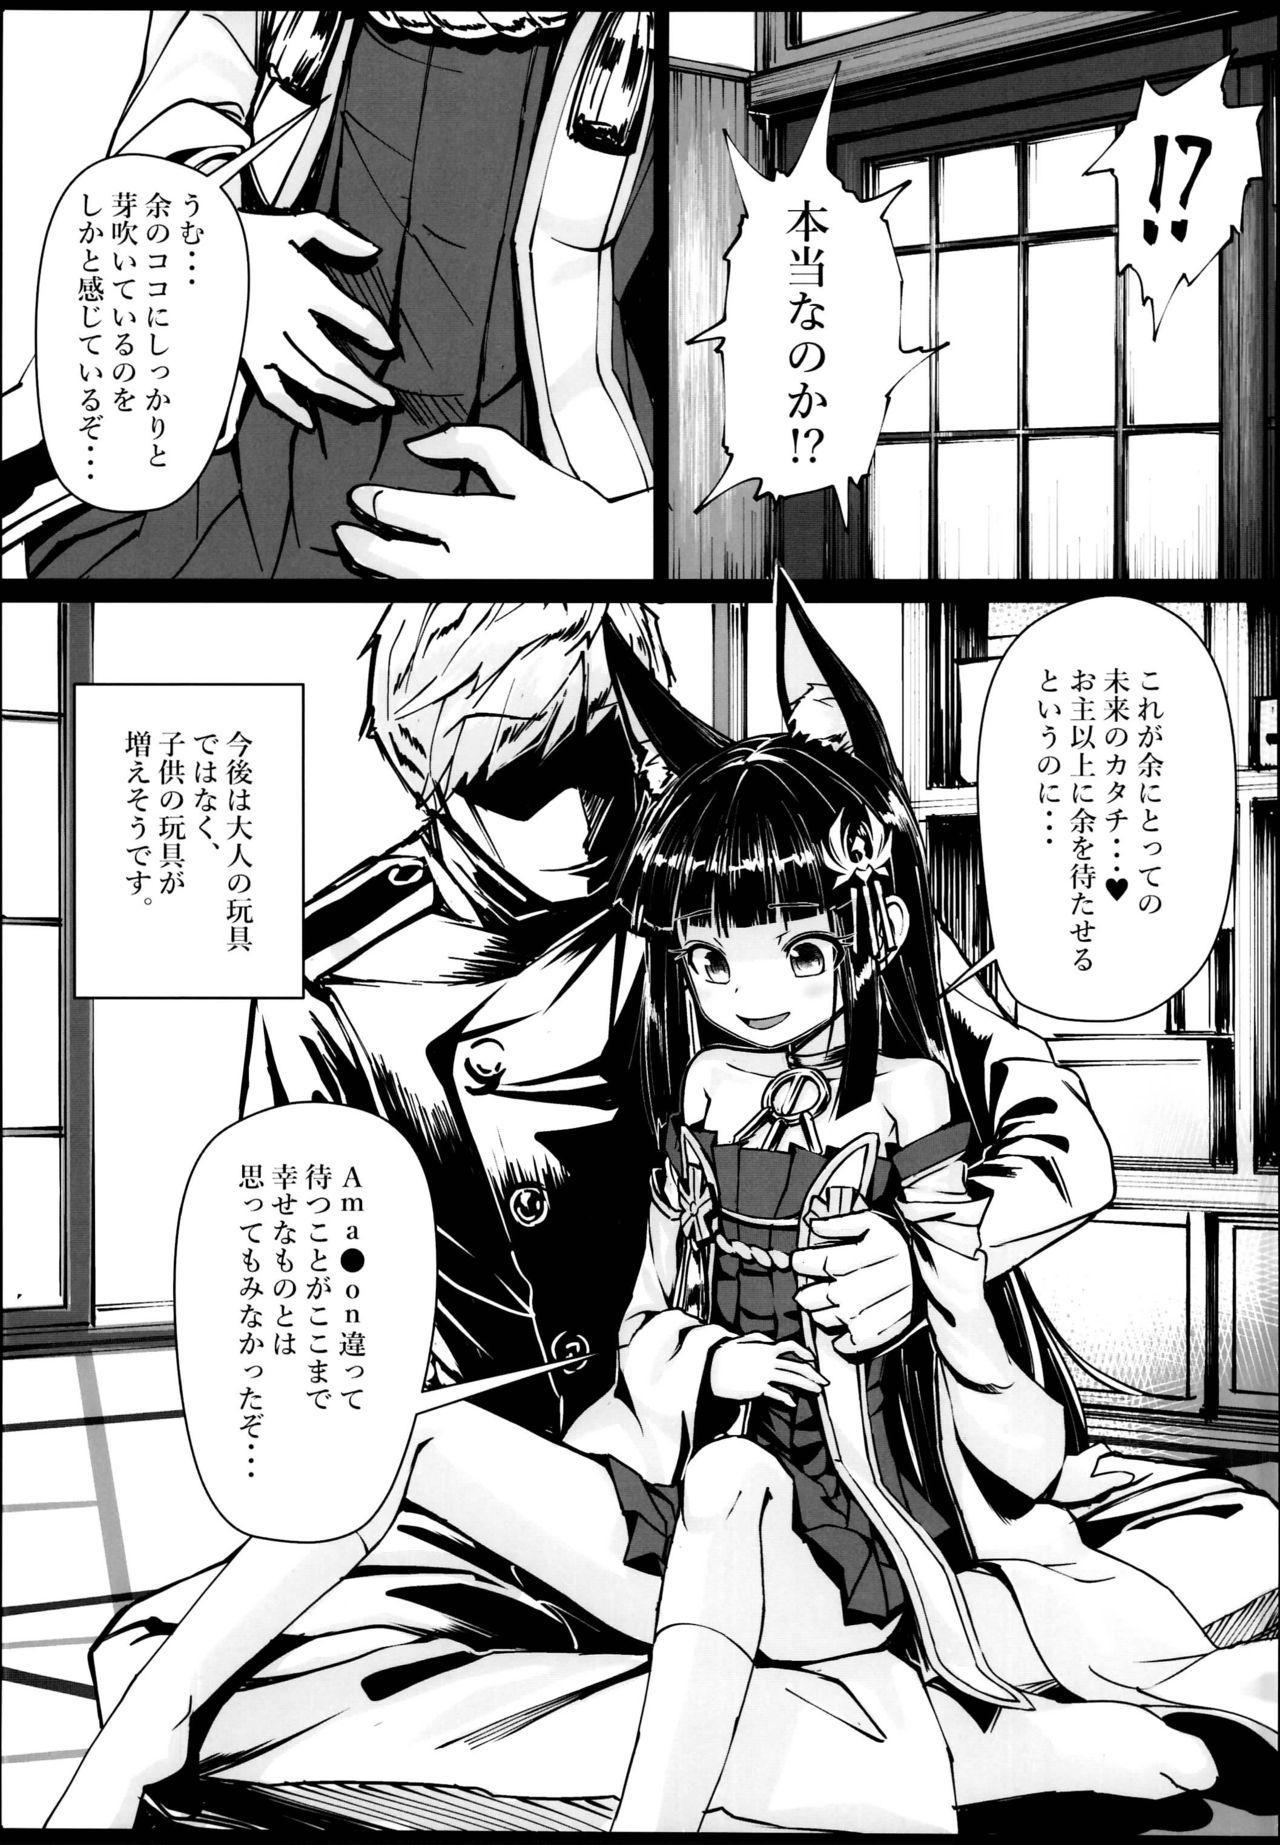 (C95) [Stylish Marunage (Patricia)] Yo wa Nagato Juushou (Teokure) no Nagato de Aru (Azur Lane) 22